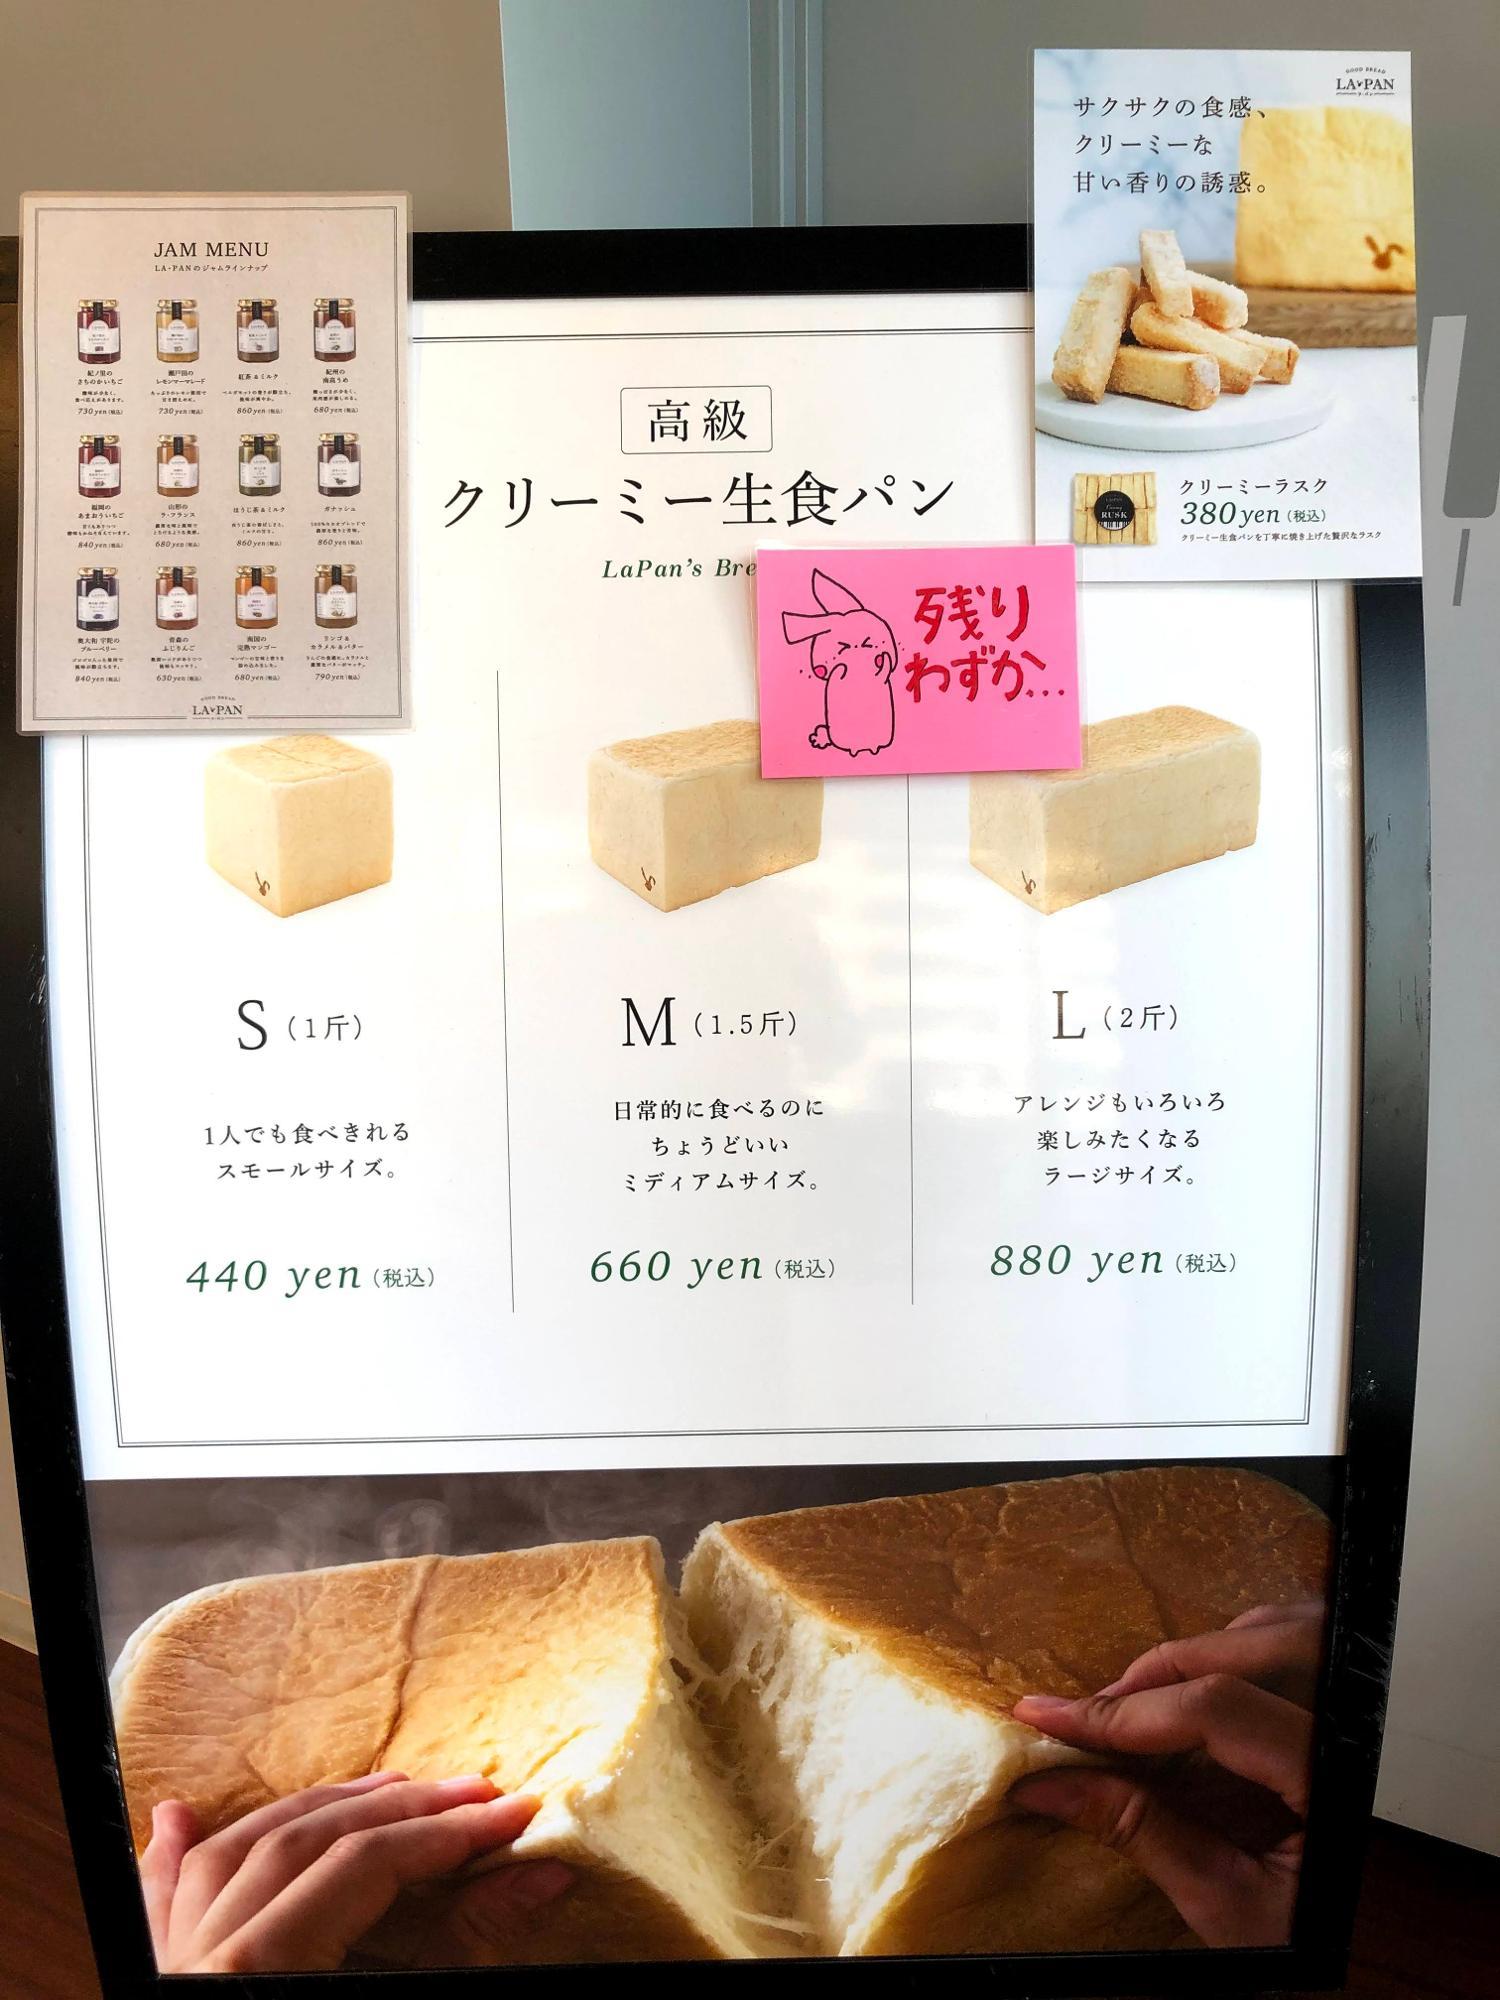 リッチな生食パンが小さいサイズから買える